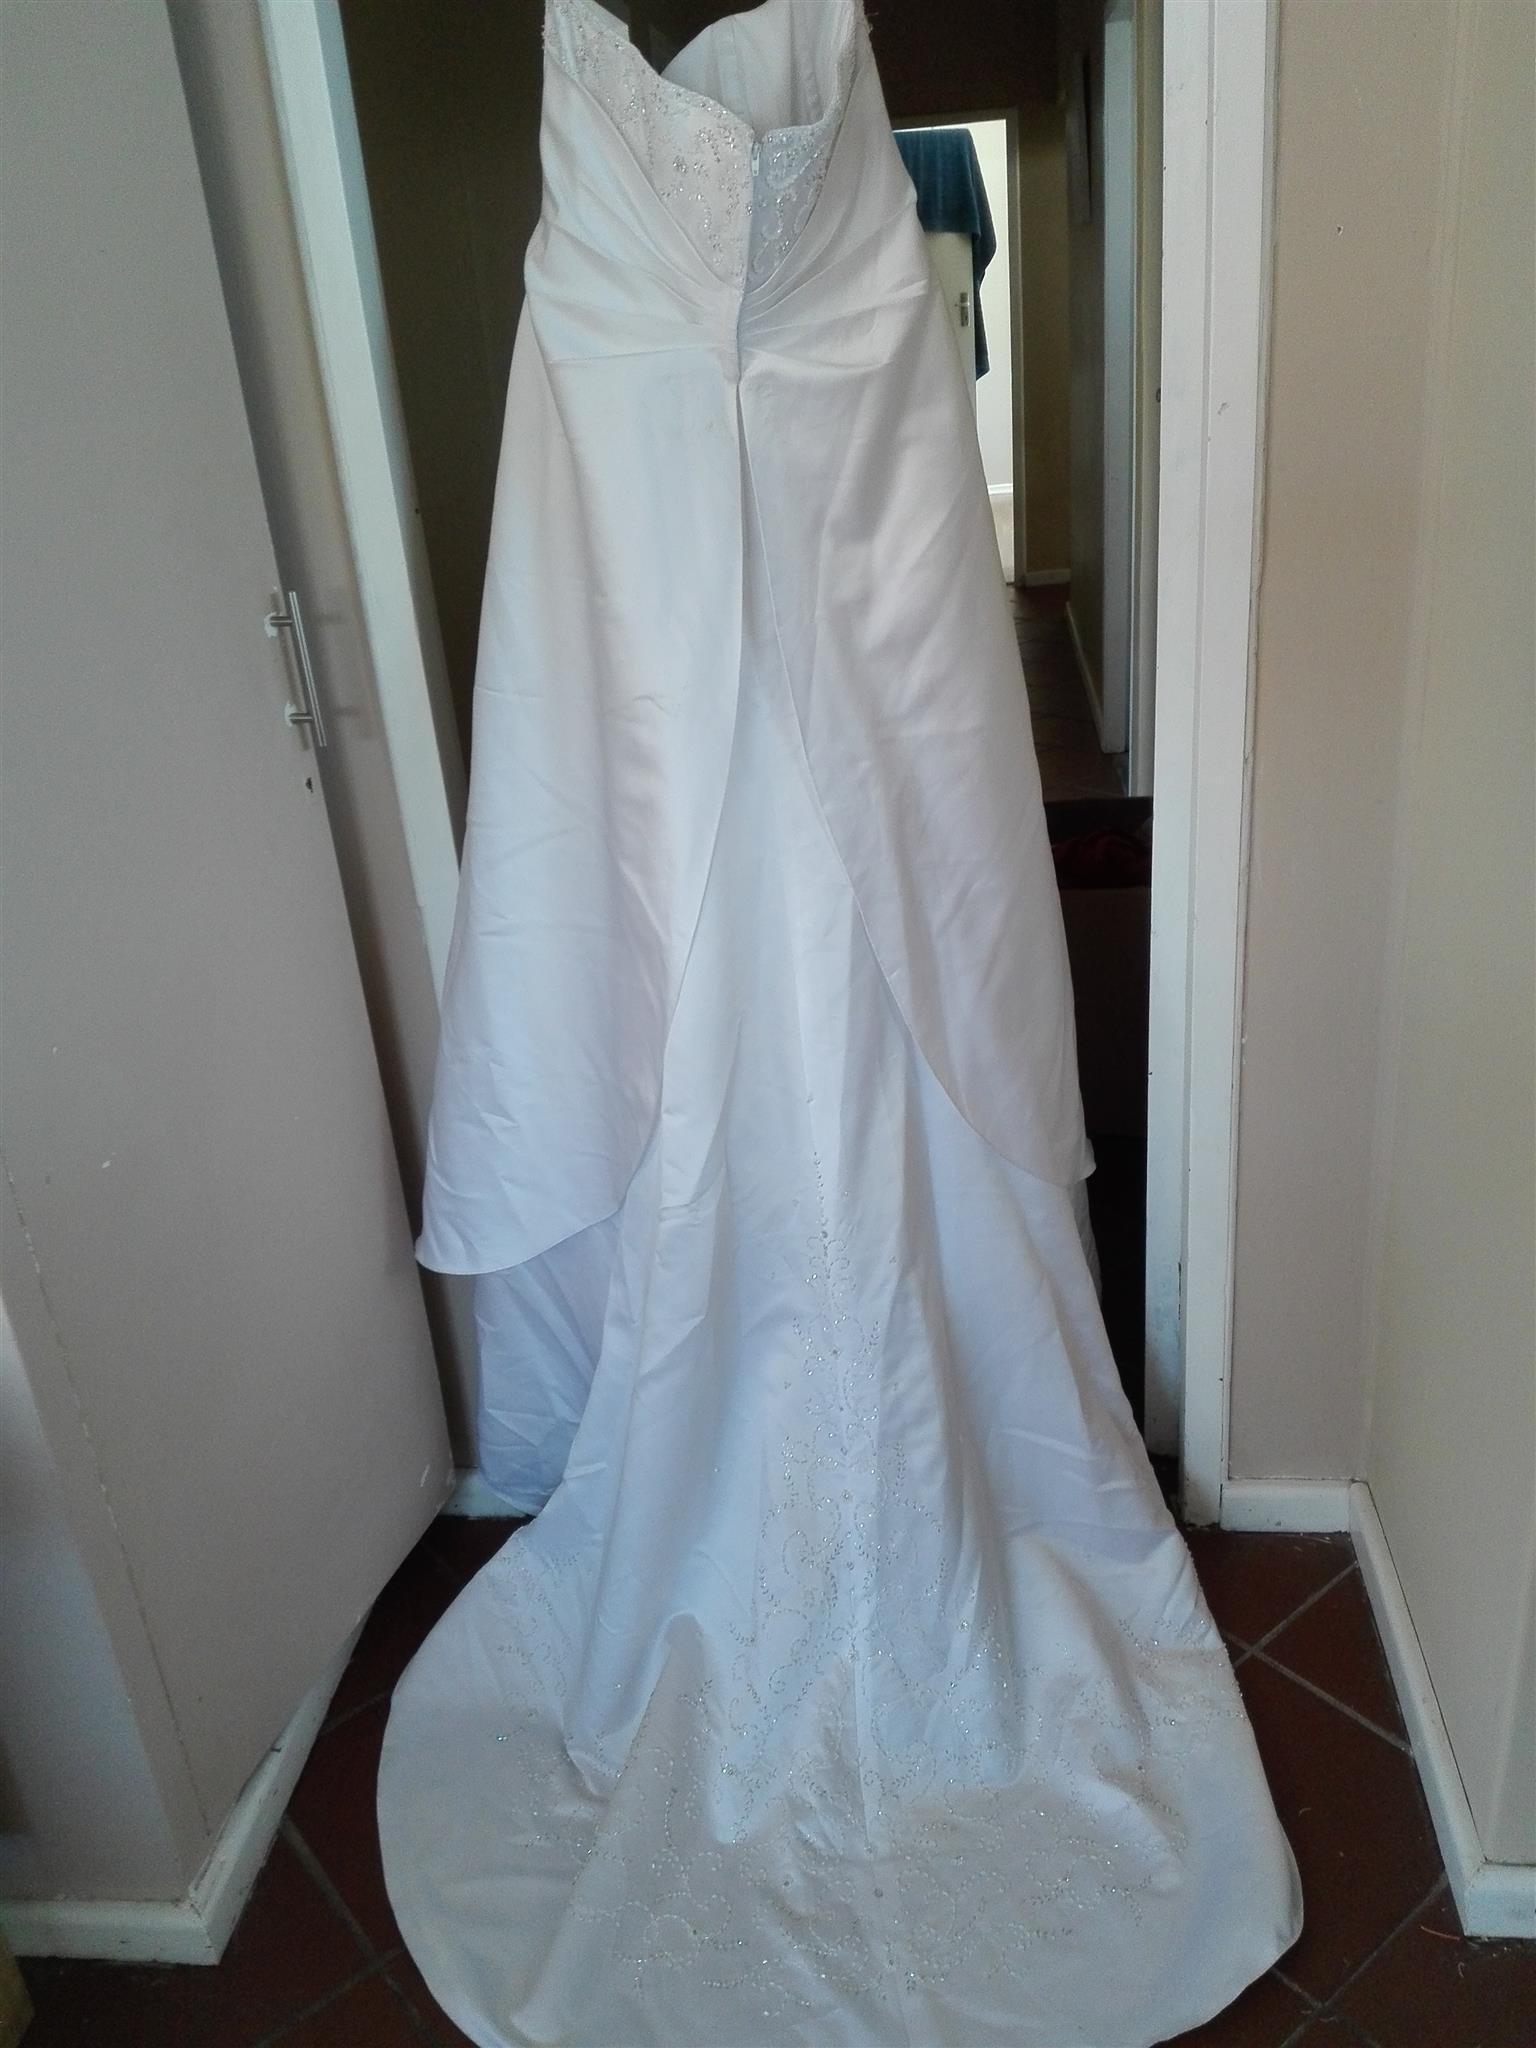 URGENT SALE plus size wedding gown (size 42)   Junk Mail